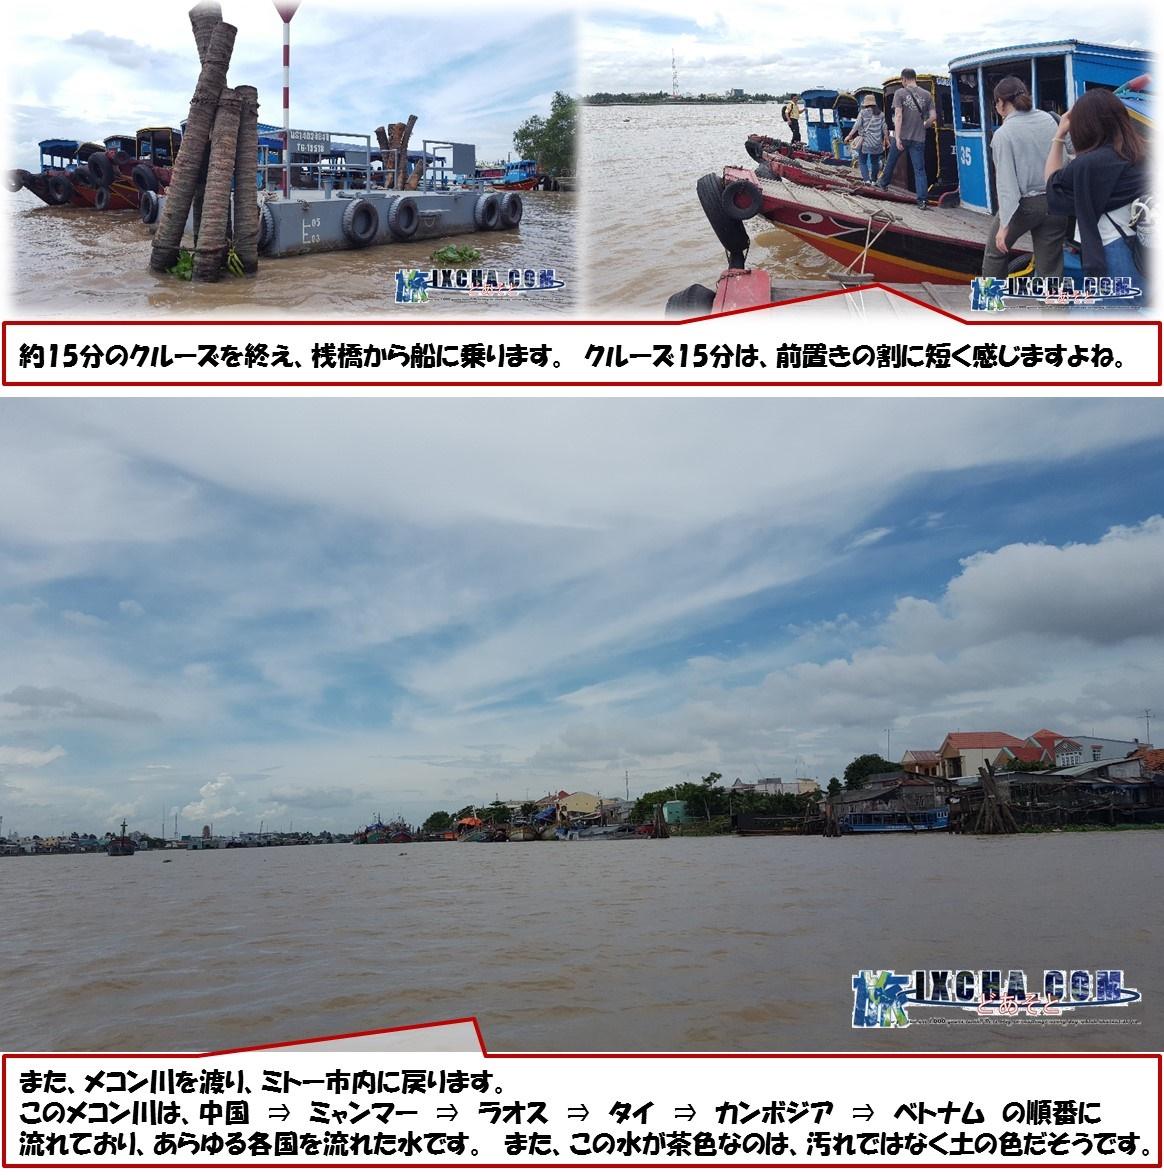 約15分のクルーズを終え、桟橋から船に乗ります。 クルーズ15分は、前置きの割に短く感じますよねまた、メコン川を渡り、ミトー市内に戻ります。  このメコン川は、中国 ⇒ ミャンマー ⇒ ラオス ⇒ タイ ⇒ カンボジア ⇒ ベトナム の順番に 流れており、あらゆる各国を流れた水です。 また、この水が茶色なのは、汚れではなく土の色だそうです。